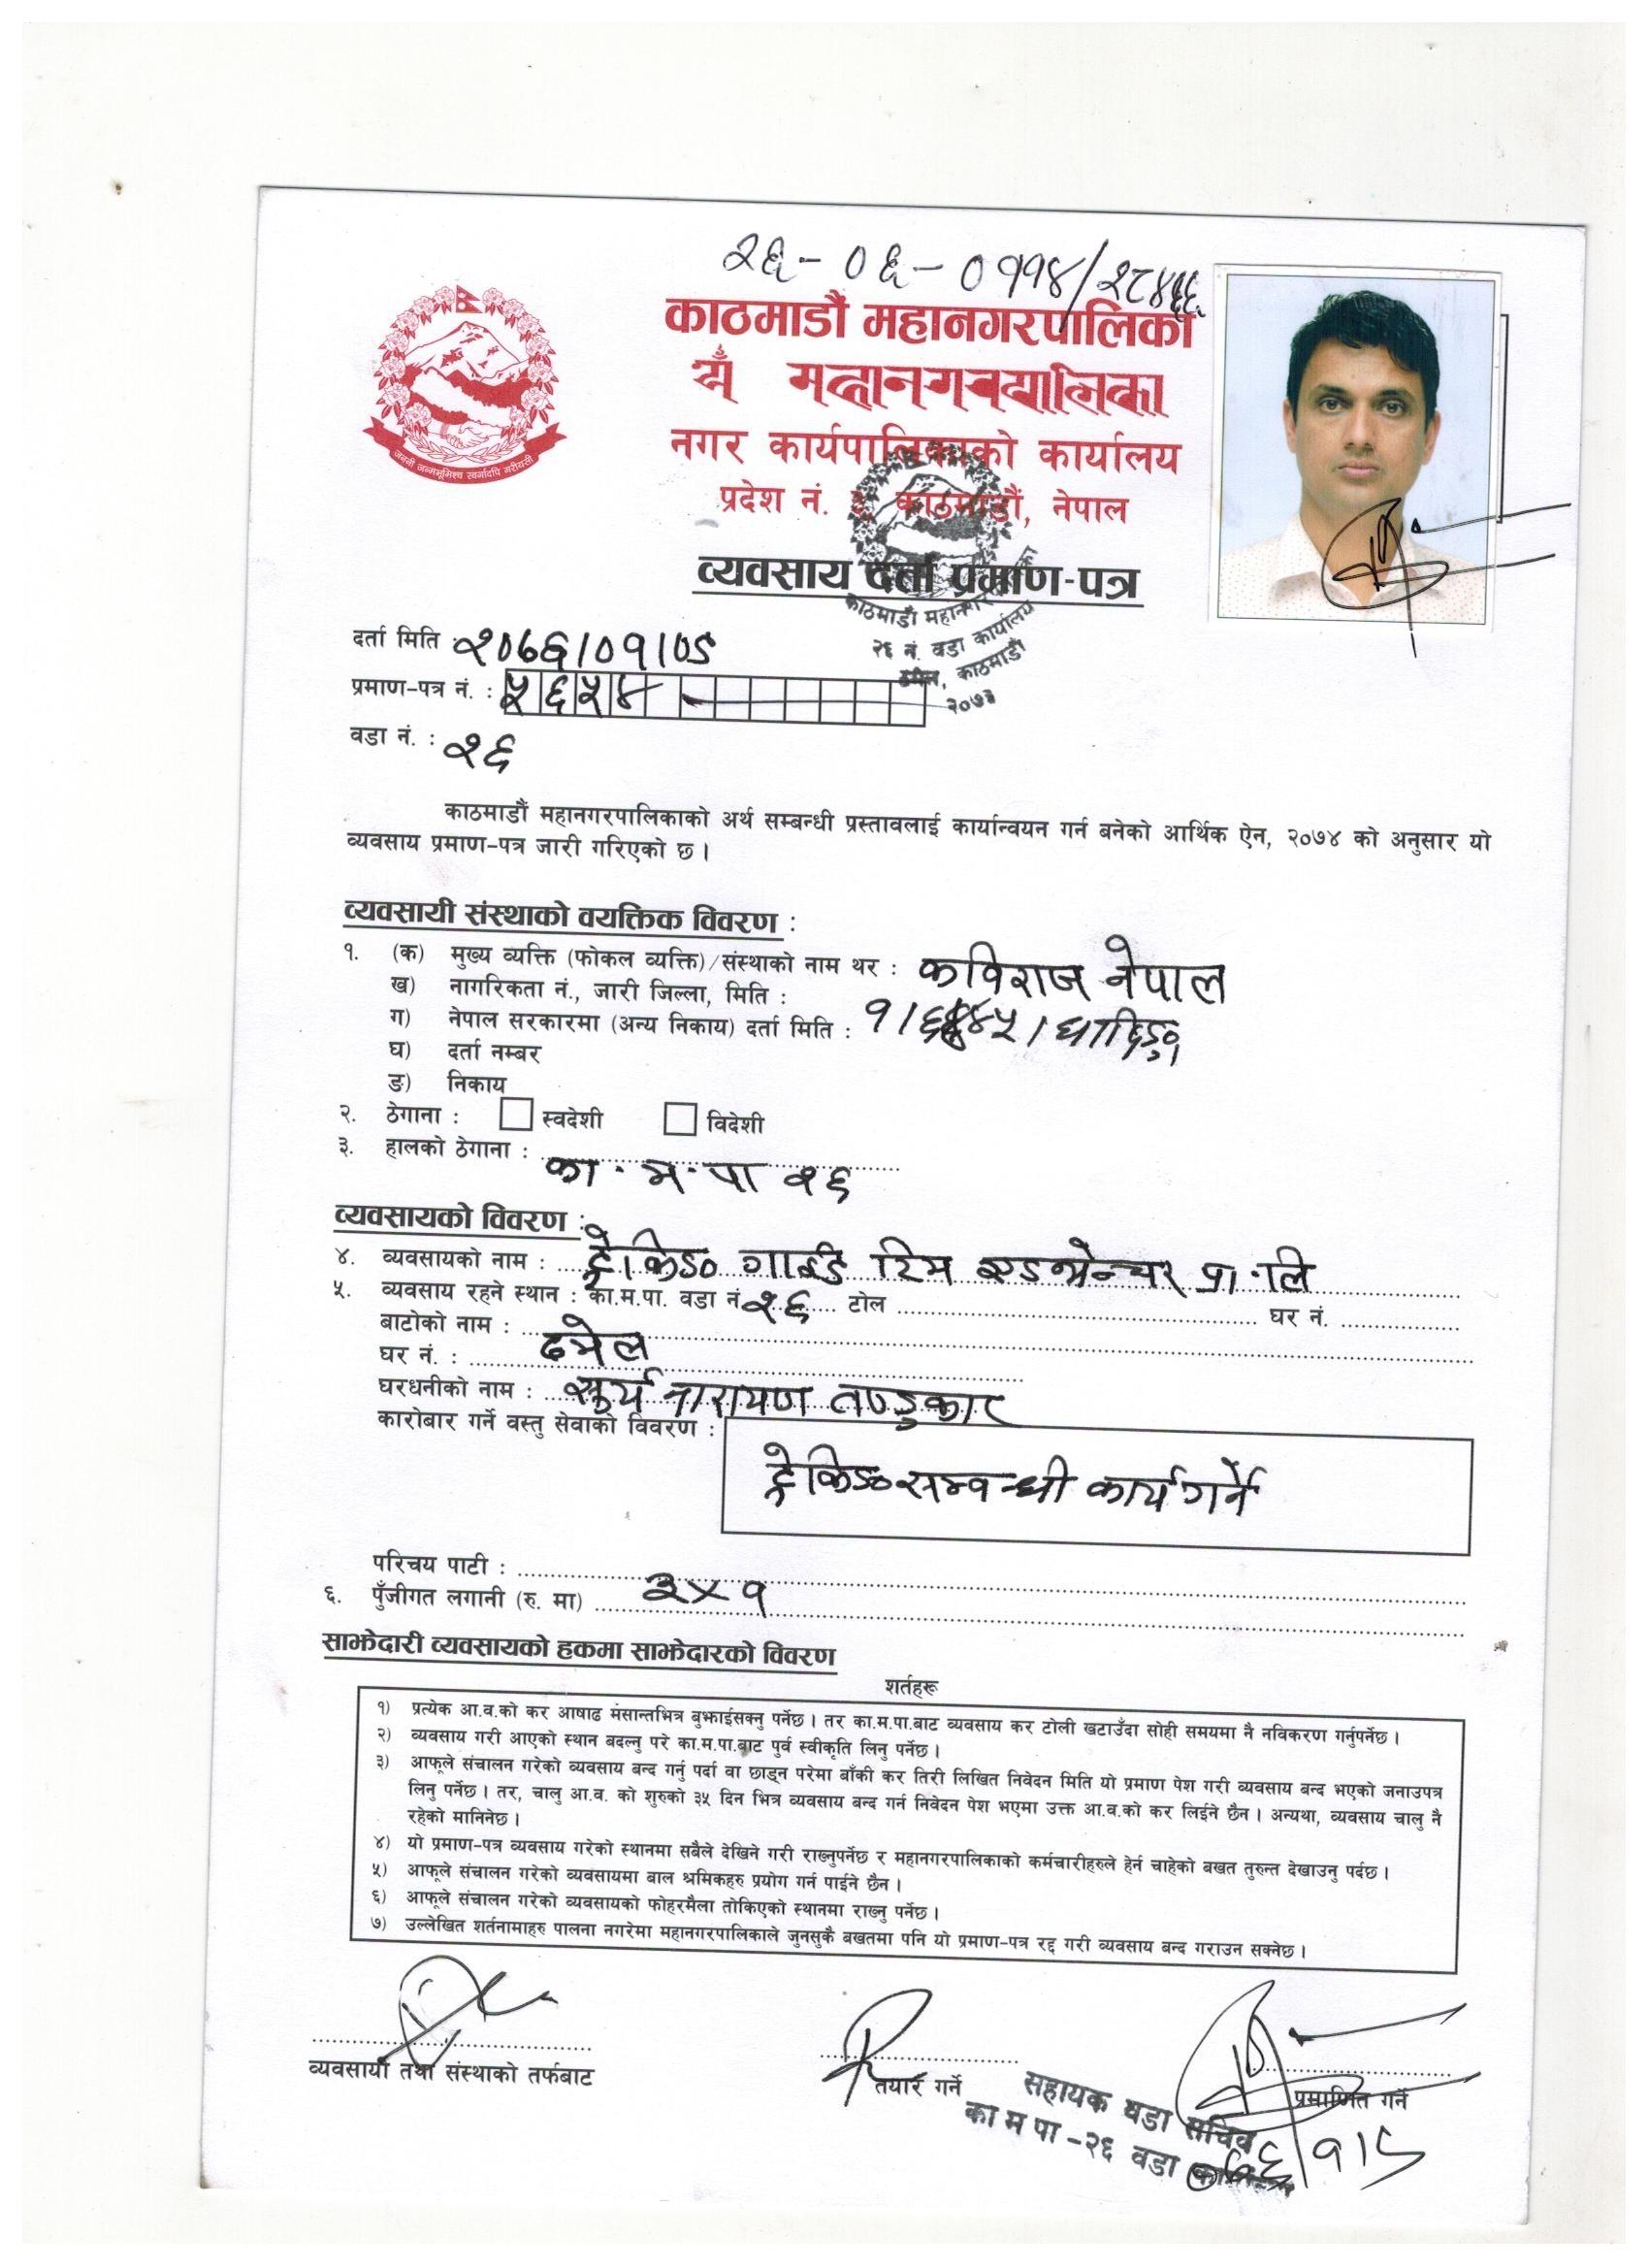 Ward Registration